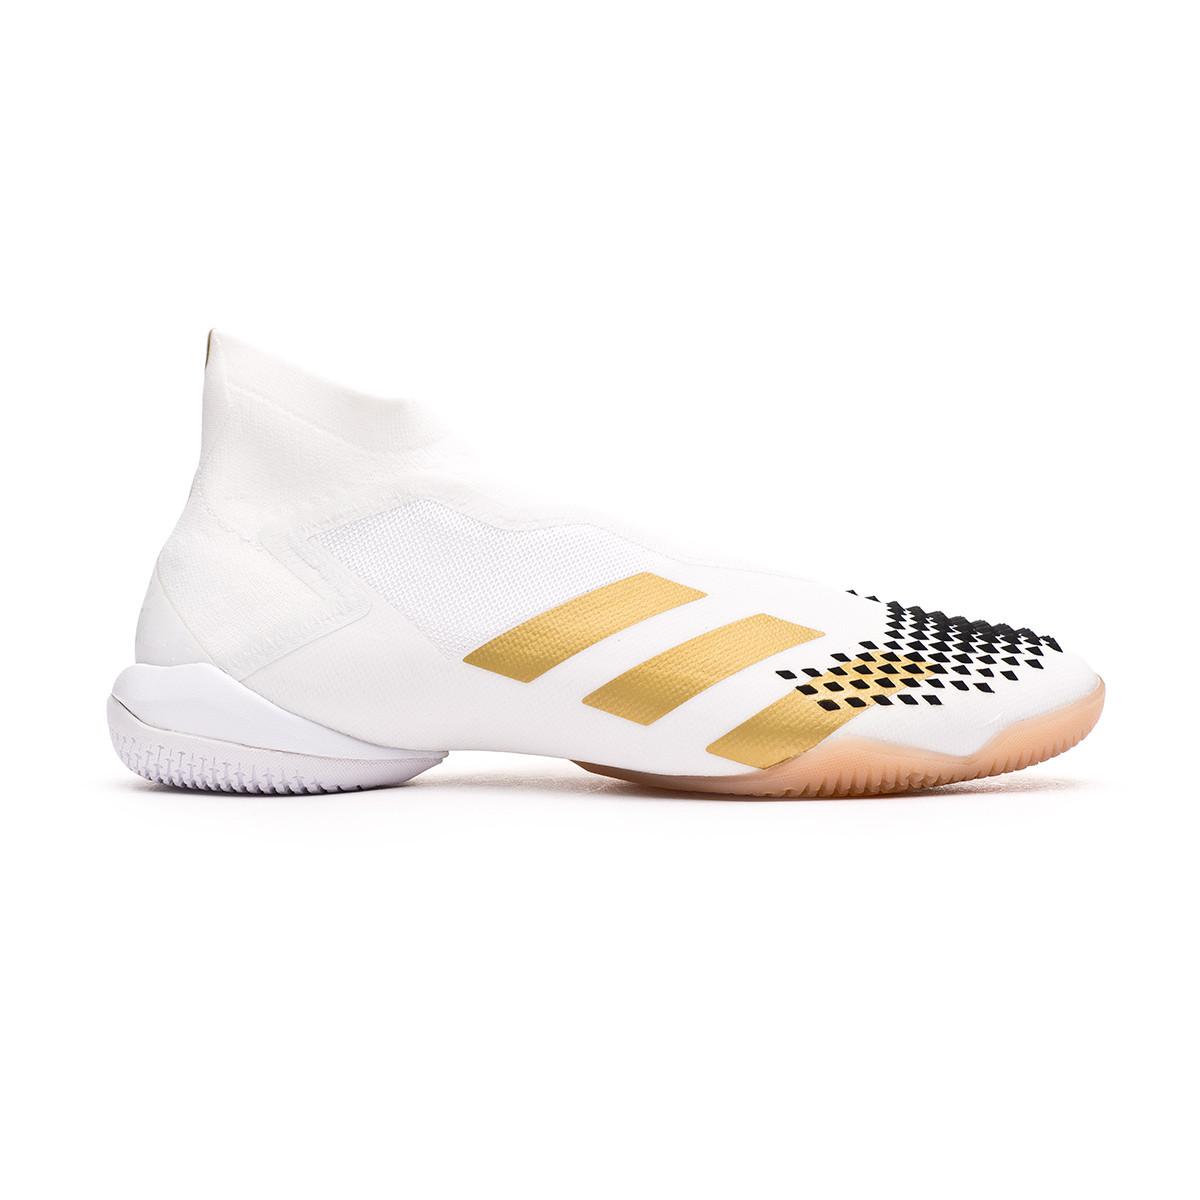 Chaussure de futsal adidas Predator Mutator 20 IN White-Metallic ...